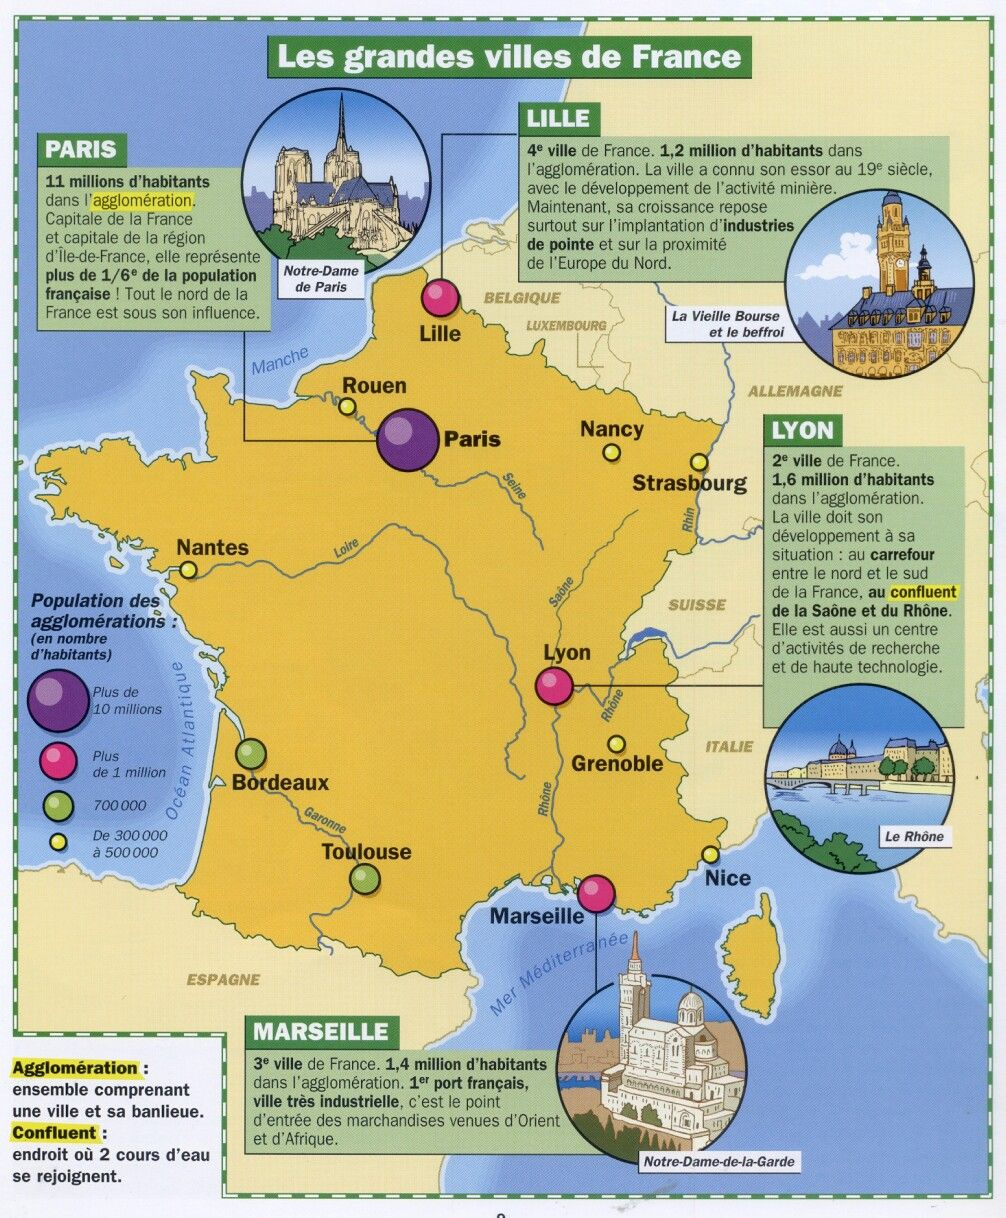 Epingle Par Florence Lyons Sur Culture Generale Ville France Geographie Geographie Cm1